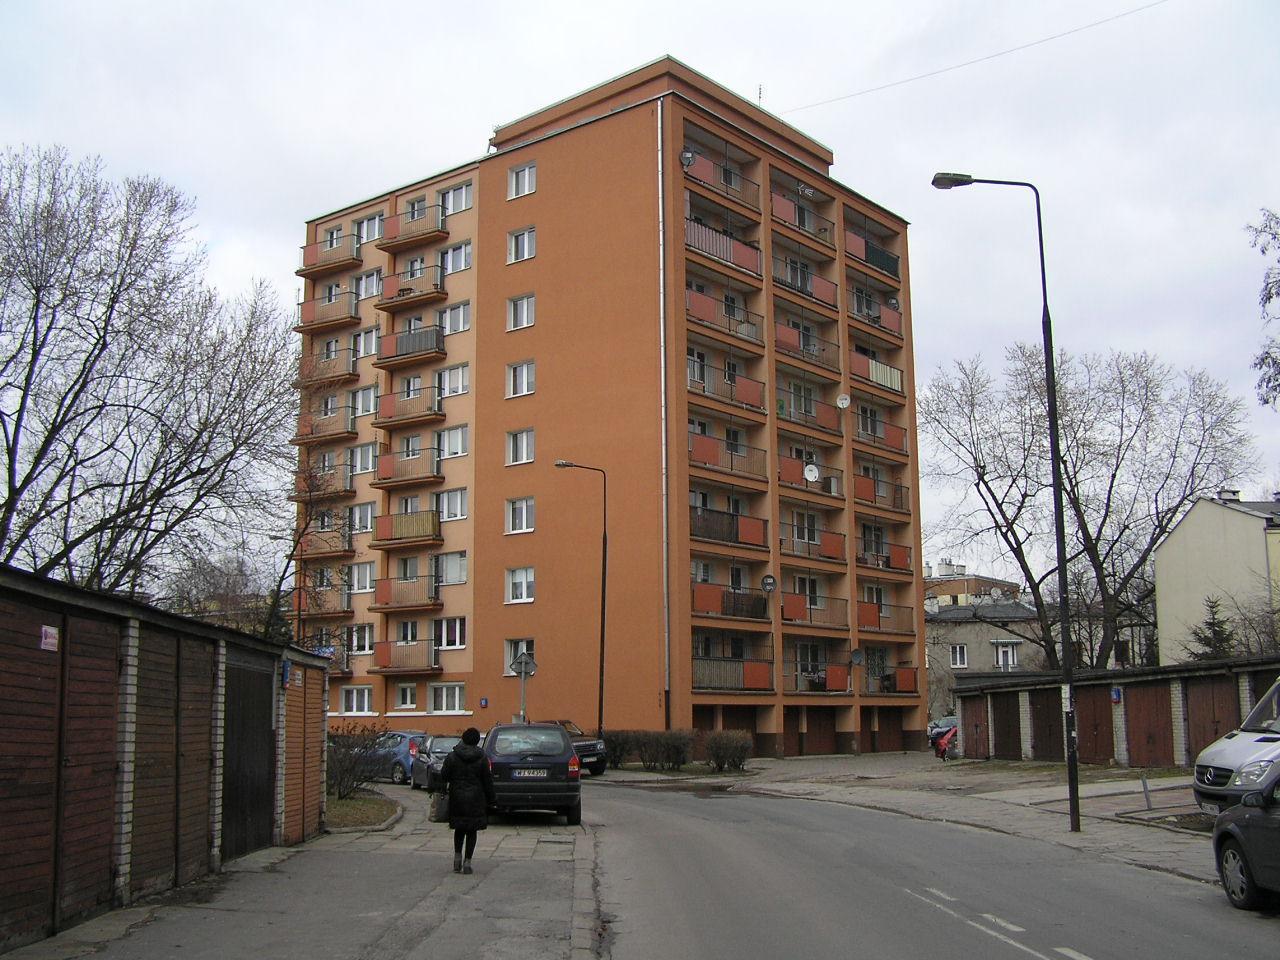 Budynek przy ulicy Rozłuckiej 10 na Grochowie